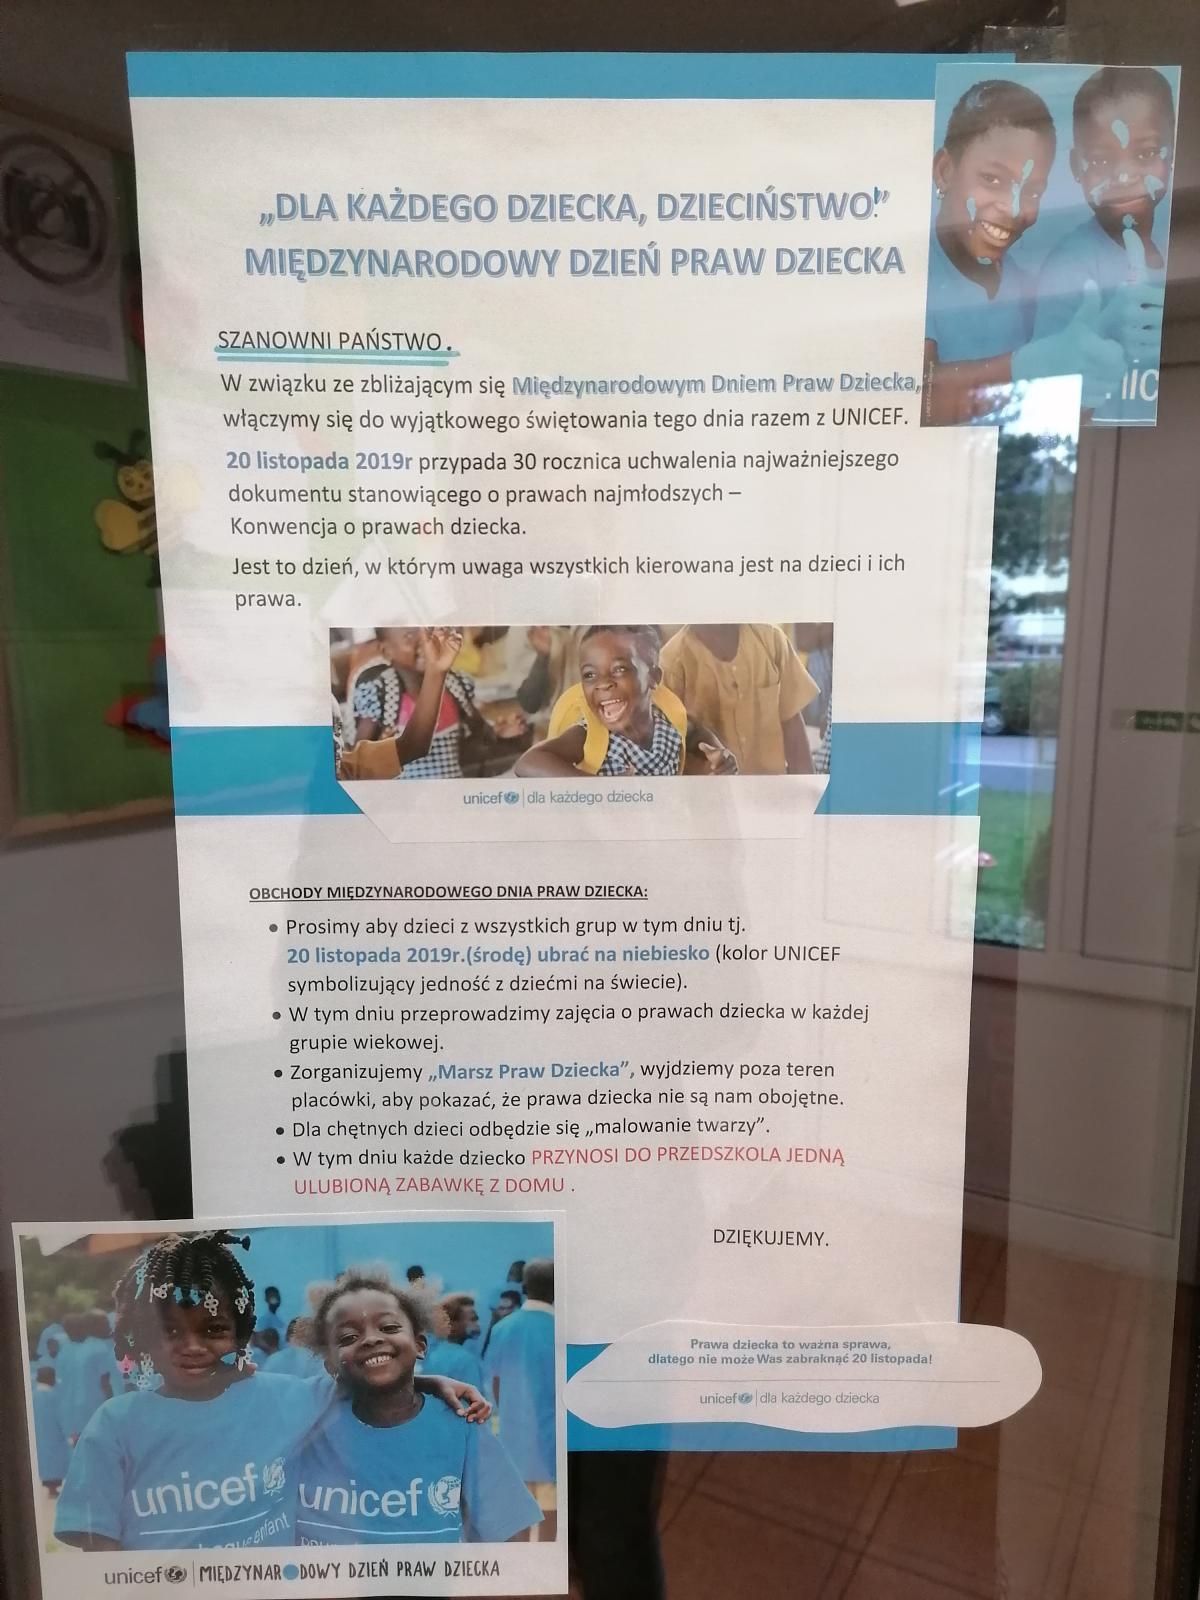 Obchody Międzynarodowego Dnia Praw Dziecka